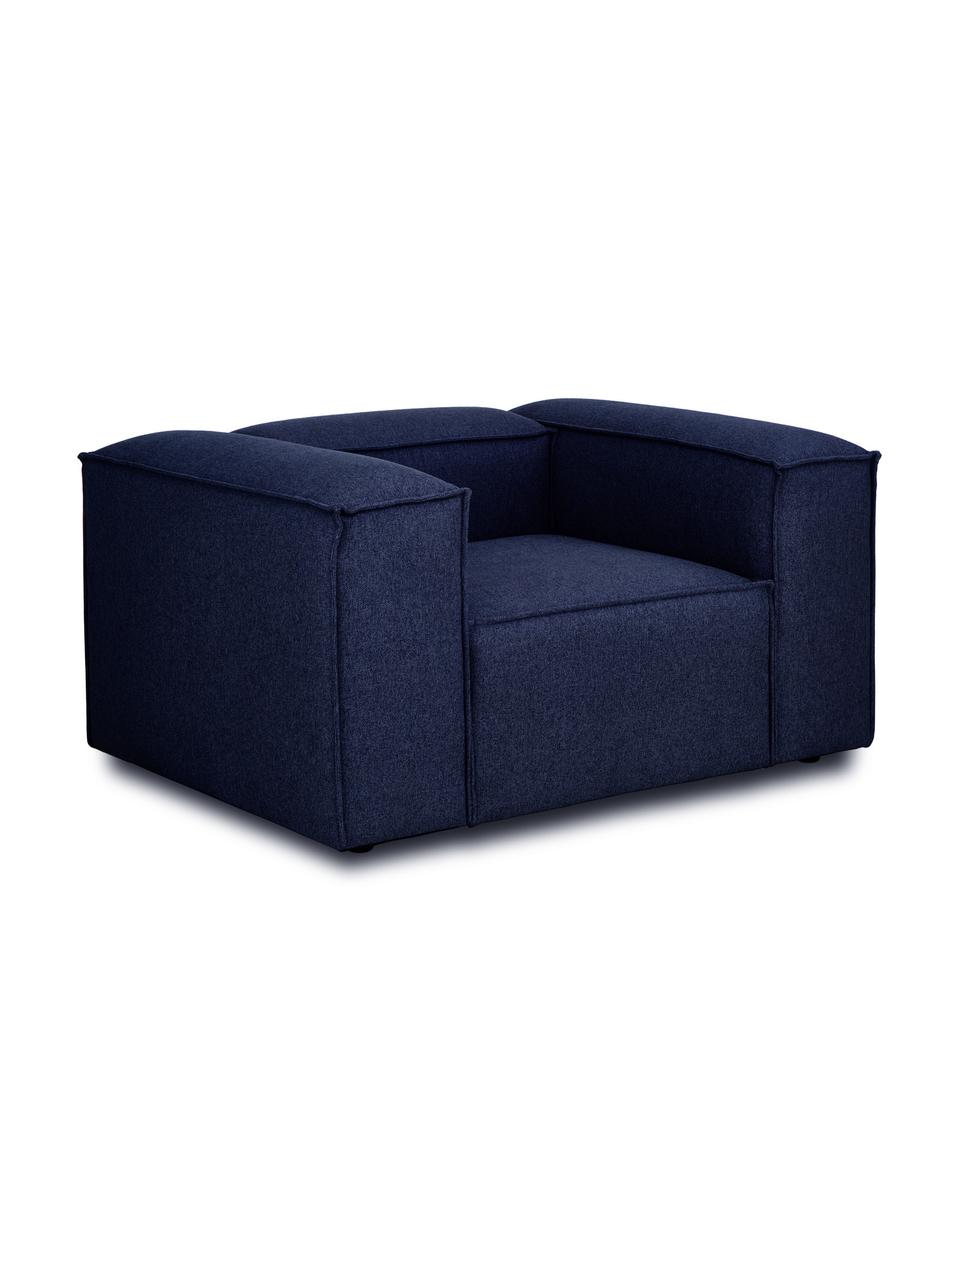 Sessel Lennon in Blau, Bezug: 100% Polyester Der strapa, Gestell: Massives Kiefernholz, Spe, Füße: Kunststoff Die Füße befin, Webstoff Blau, B 130 x T 101 cm